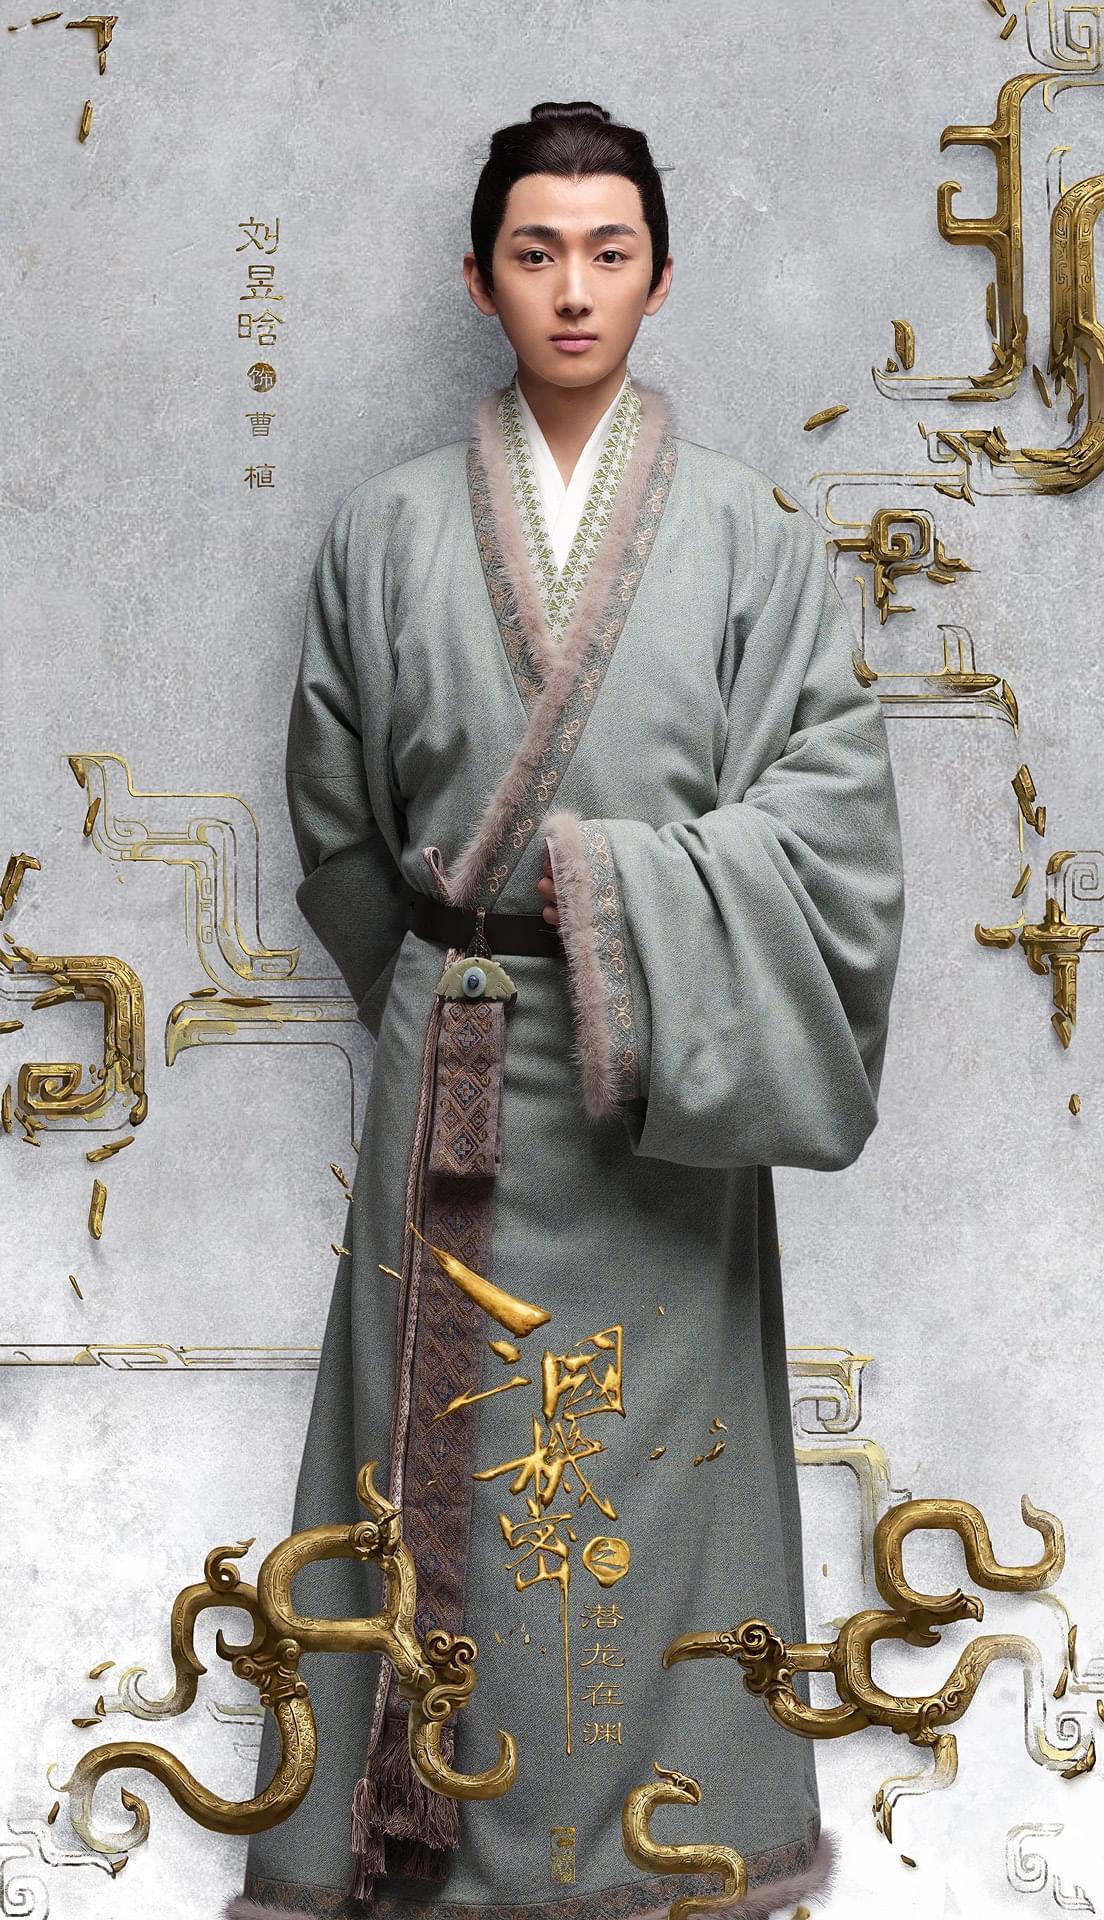 刘昱晗《三国机密》戏份杀青 儒雅出演引人期待